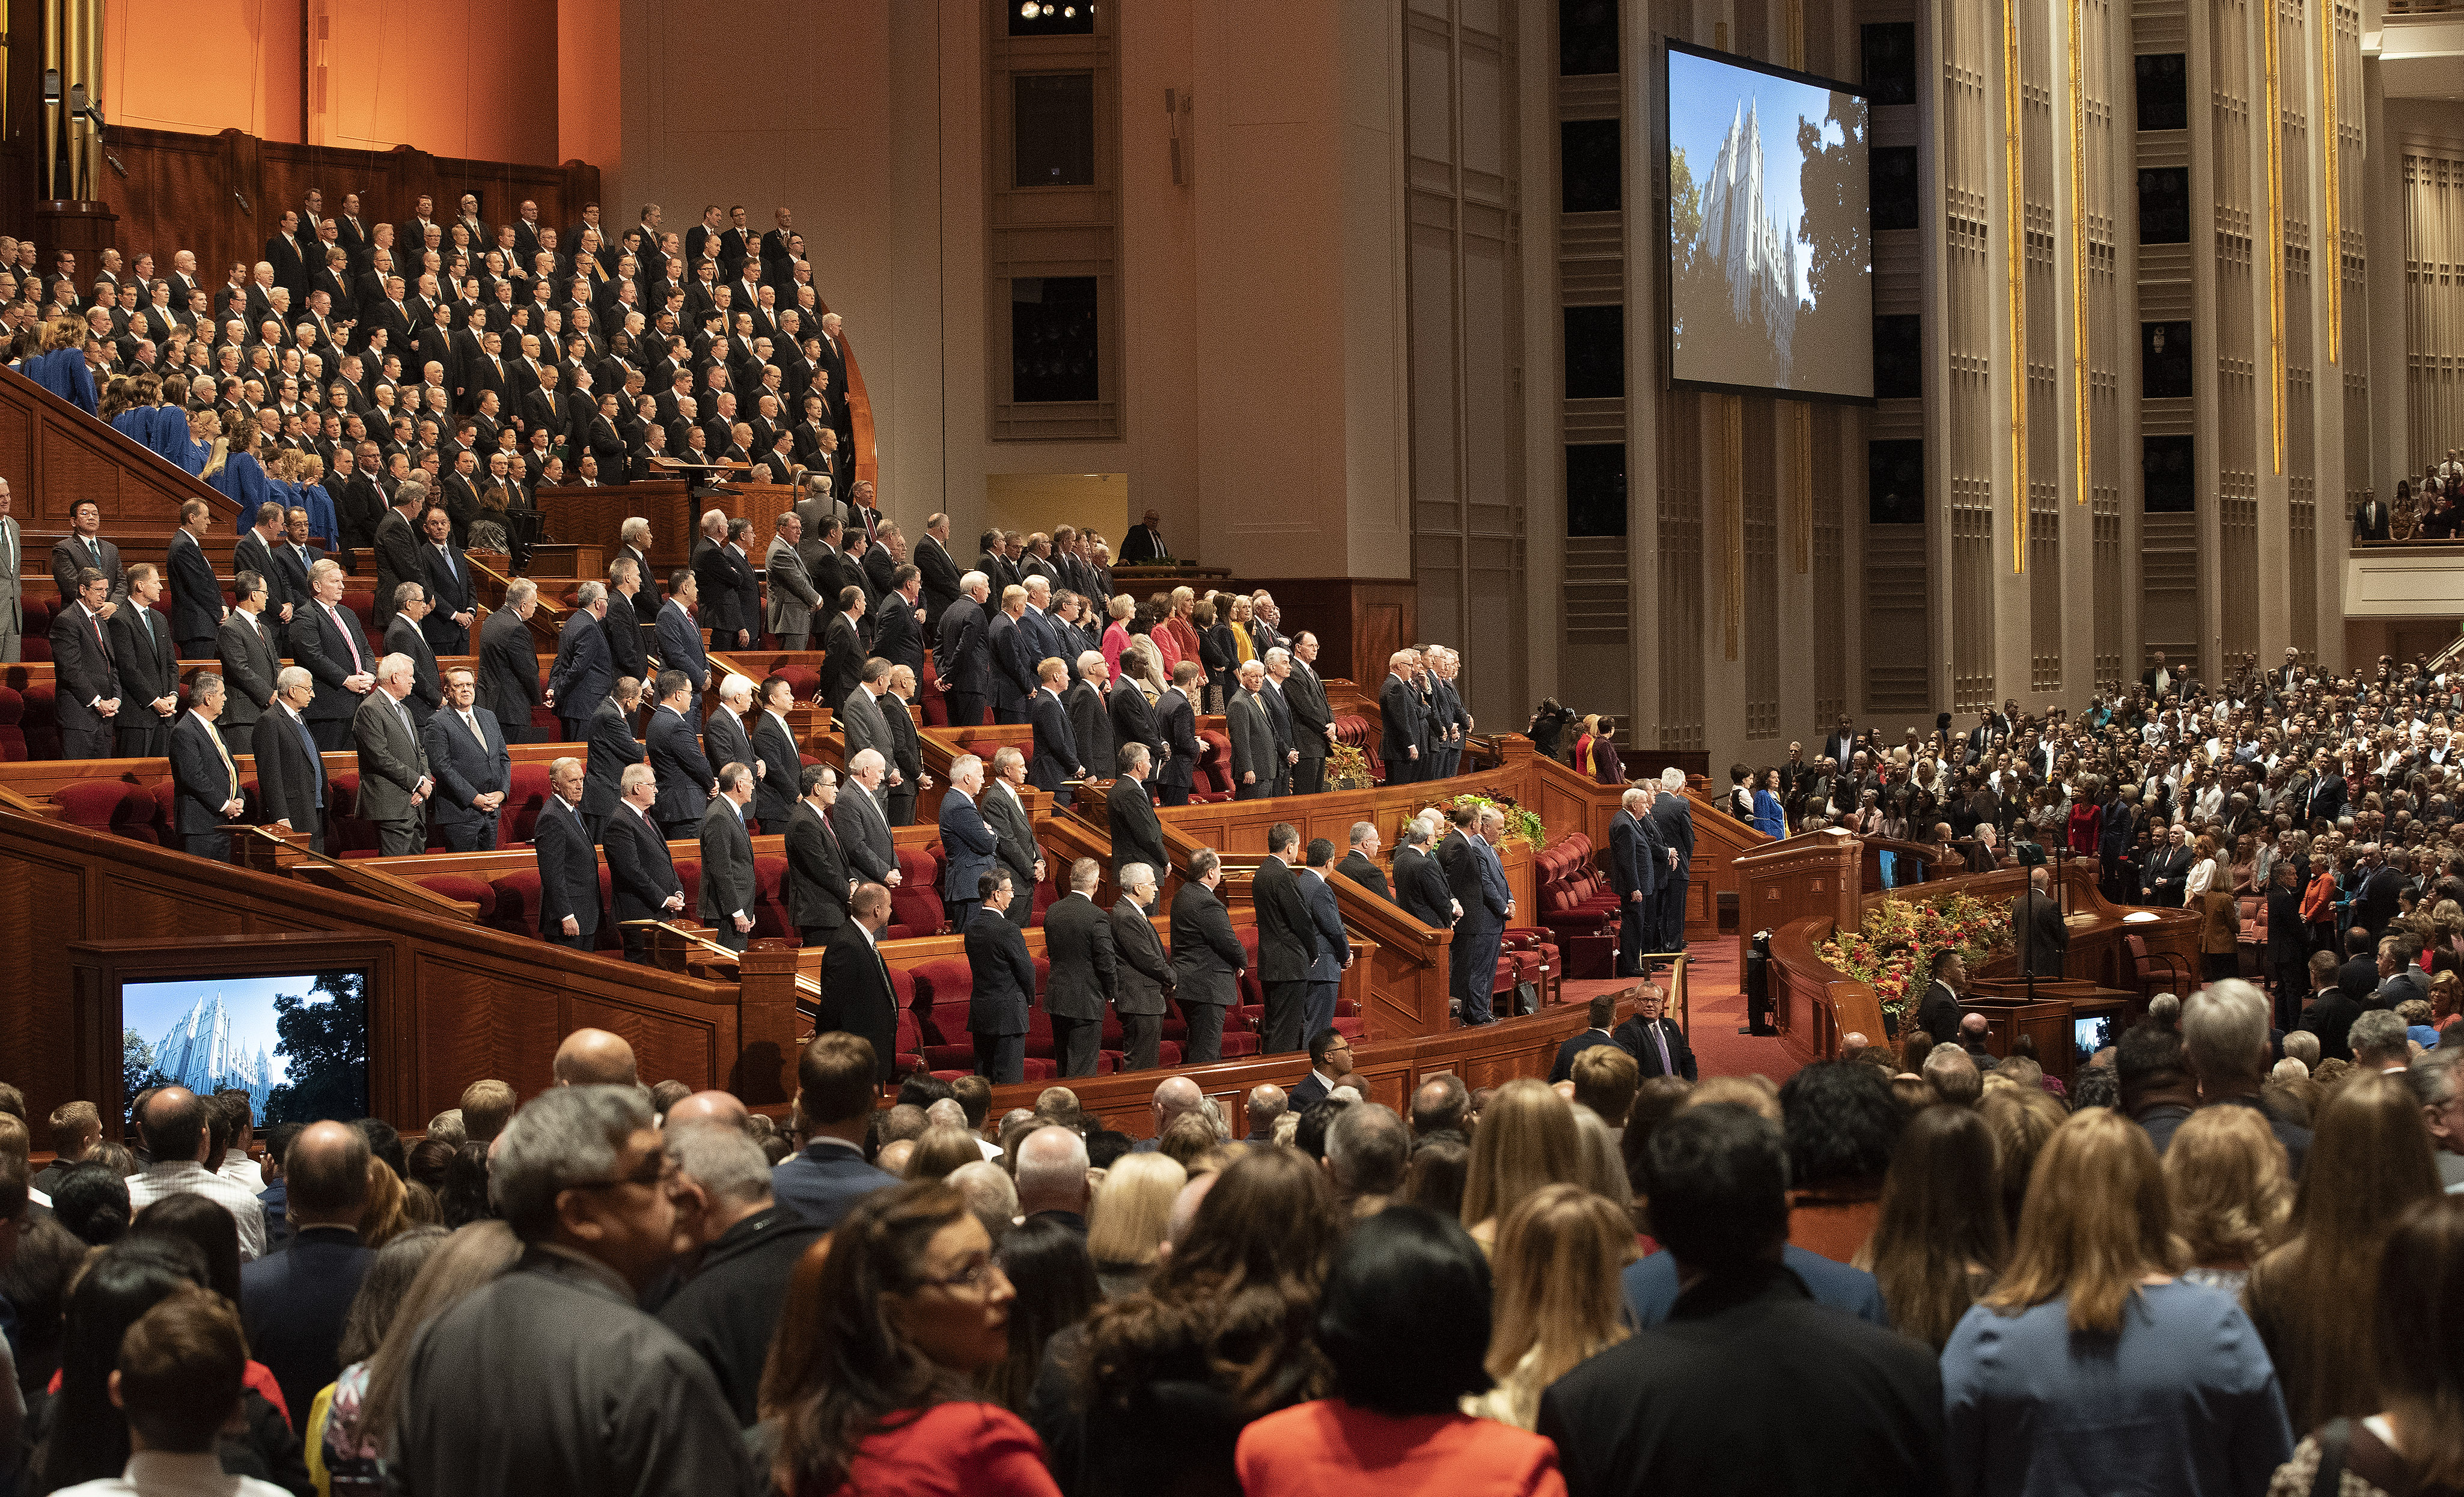 As autoridades gerais esperam pelo presidente Russell M. Nelson de A Igreja de Jesus Cristo dos Santos dos Últimos Dias antes da sessão da manhã de sábado da Conferência Geral Semestral nº 189 no Centro de Conferências em Salt Lake City, no sábado, 5 de outubro de 2019.